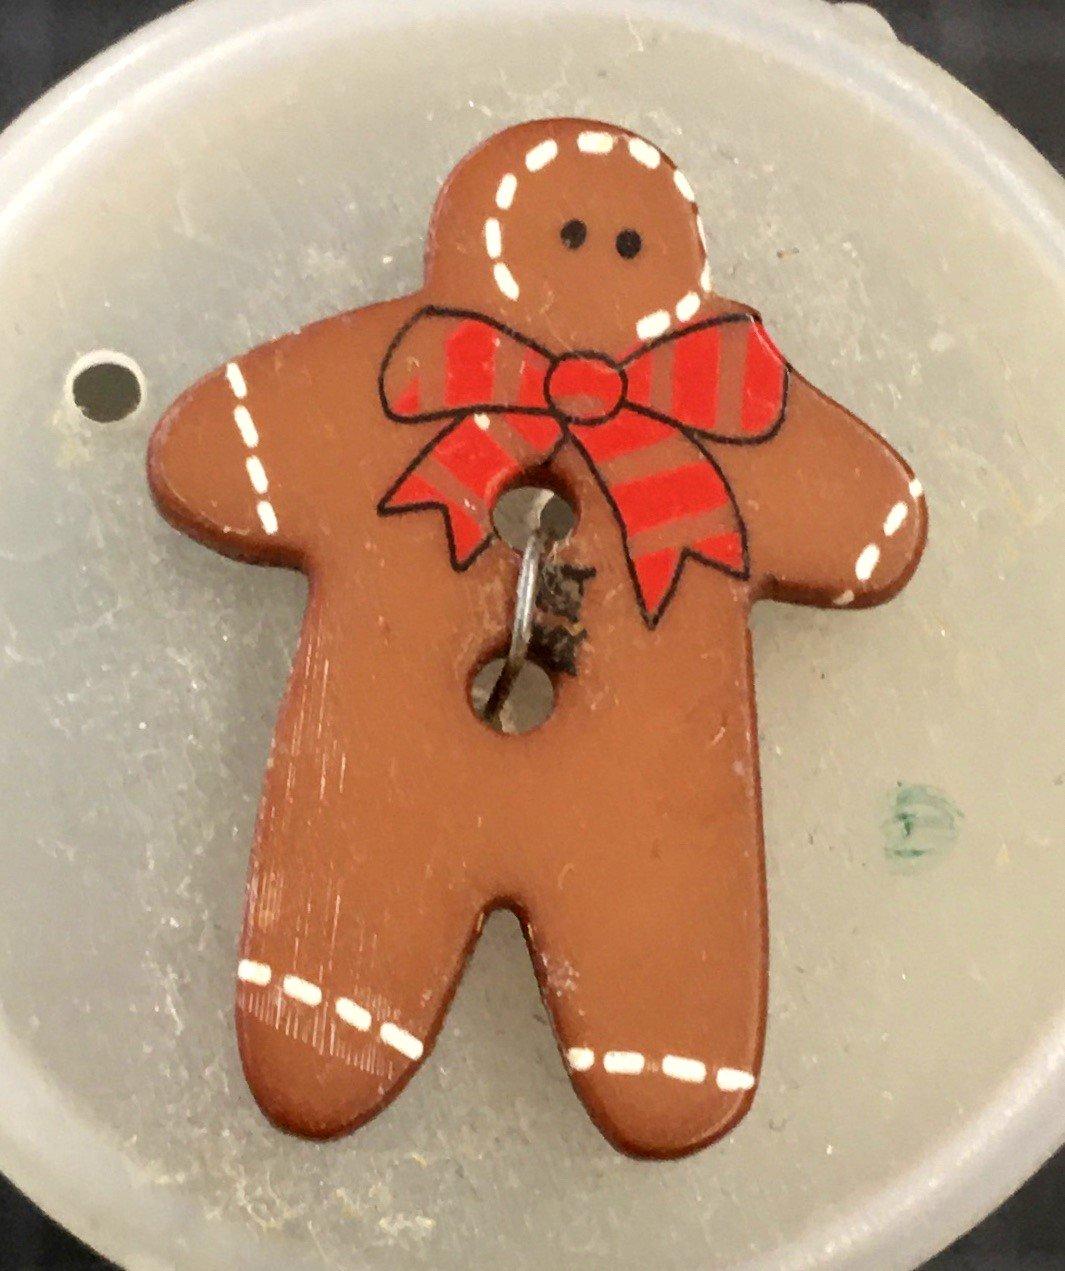 280776, Dill Buttons 25 mm Red Gingerbreadman